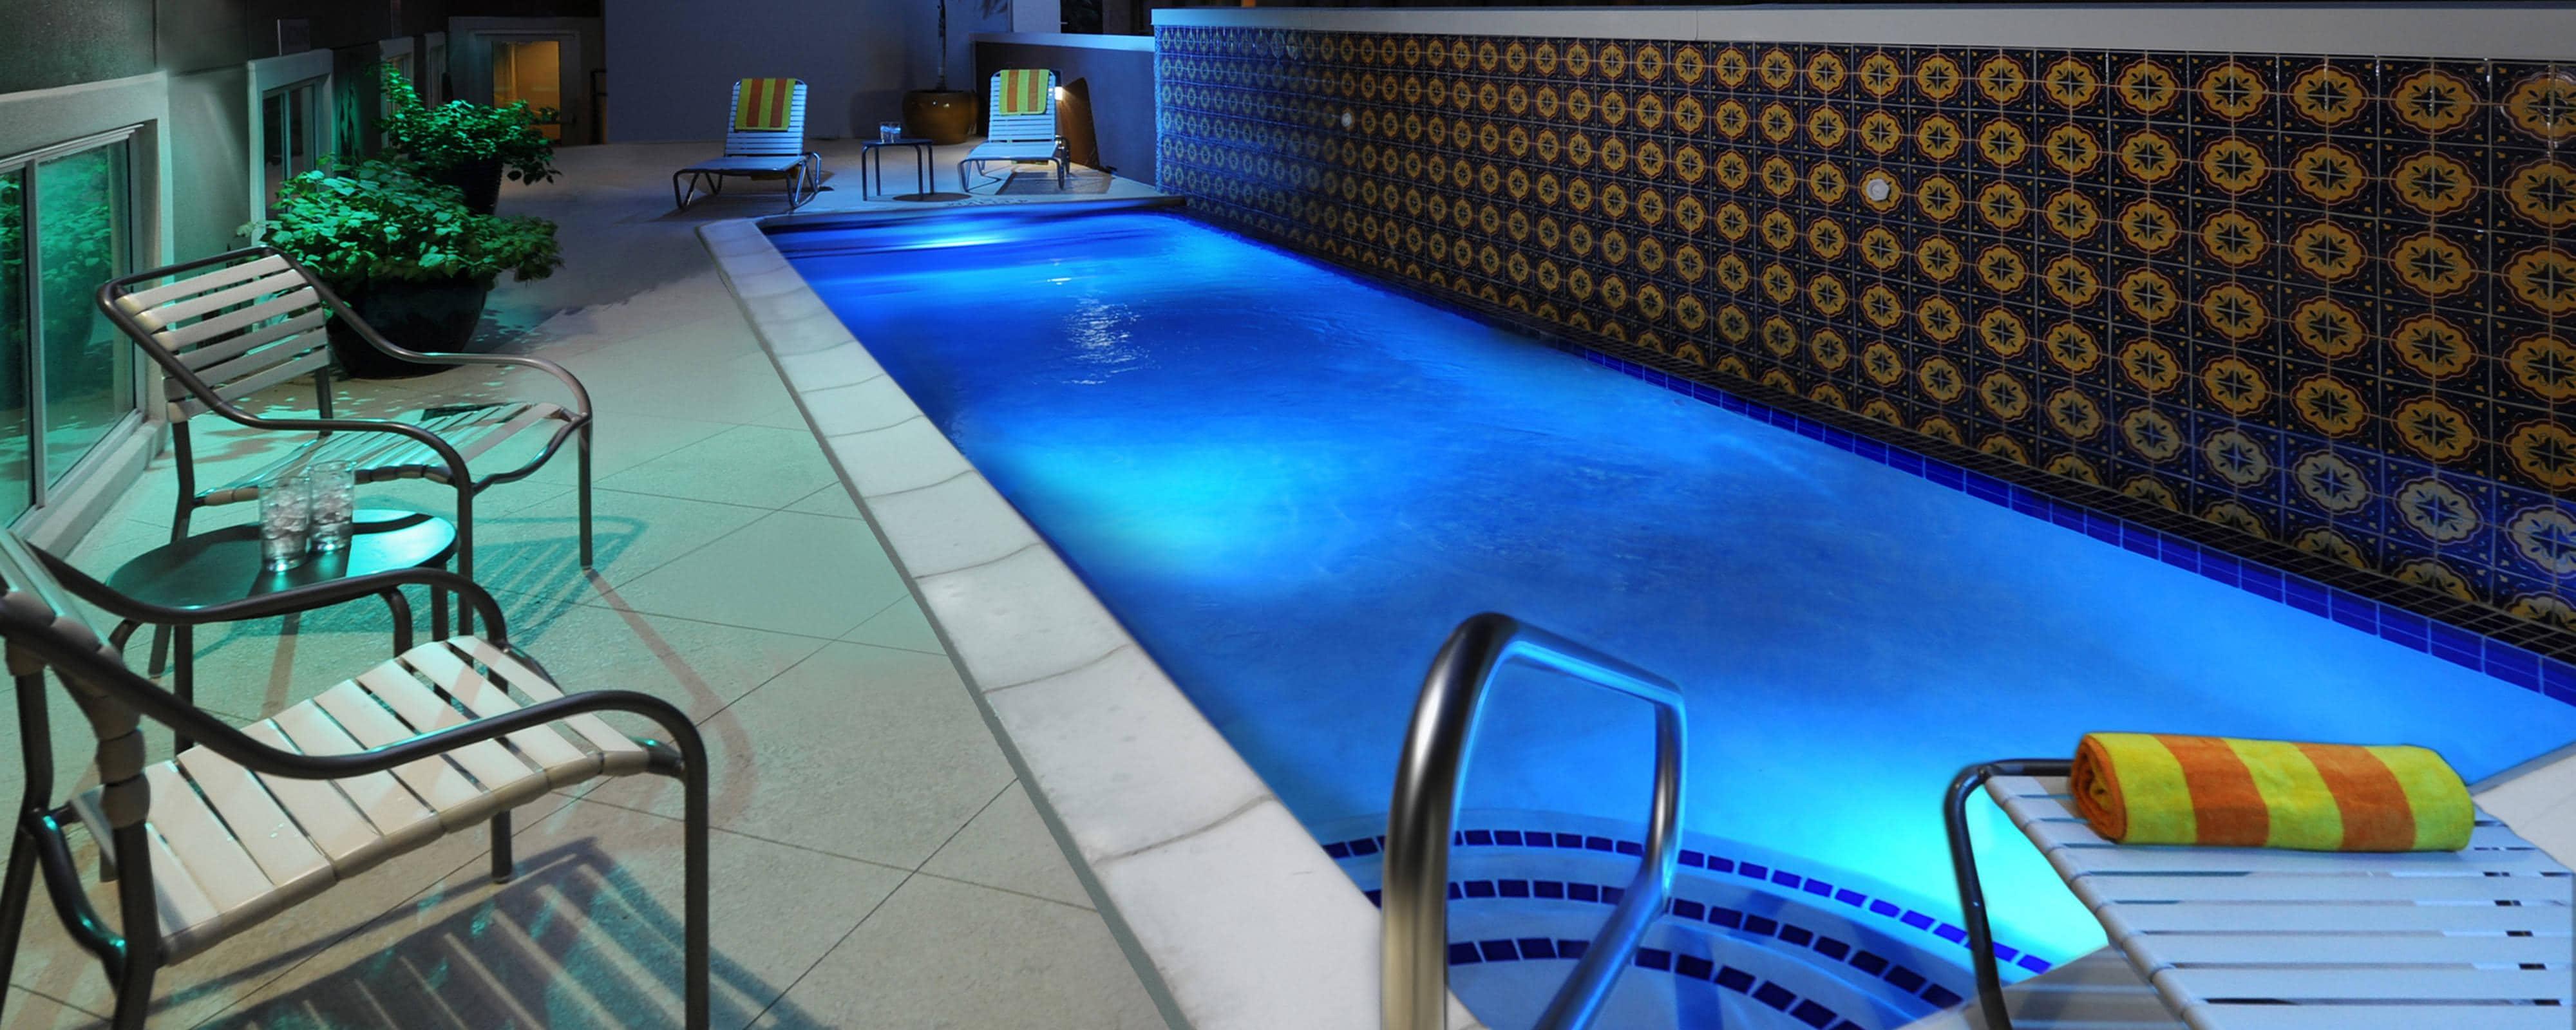 サンアントニオ・ホテルのプール